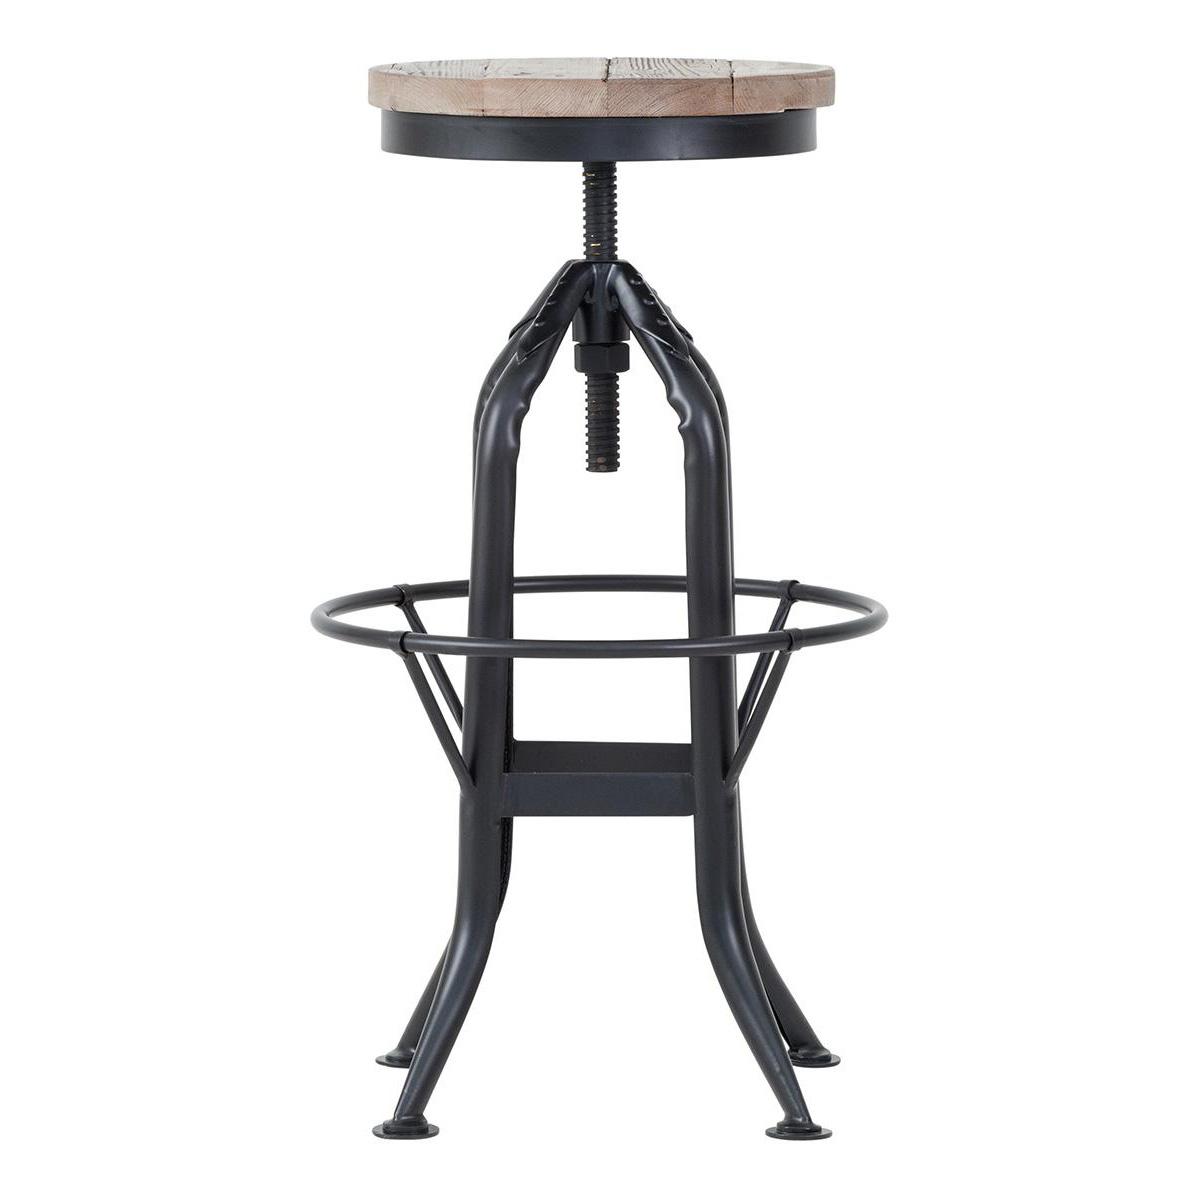 Besp-Oak Reclaimed Wood & Metal Adjustable Height Stool